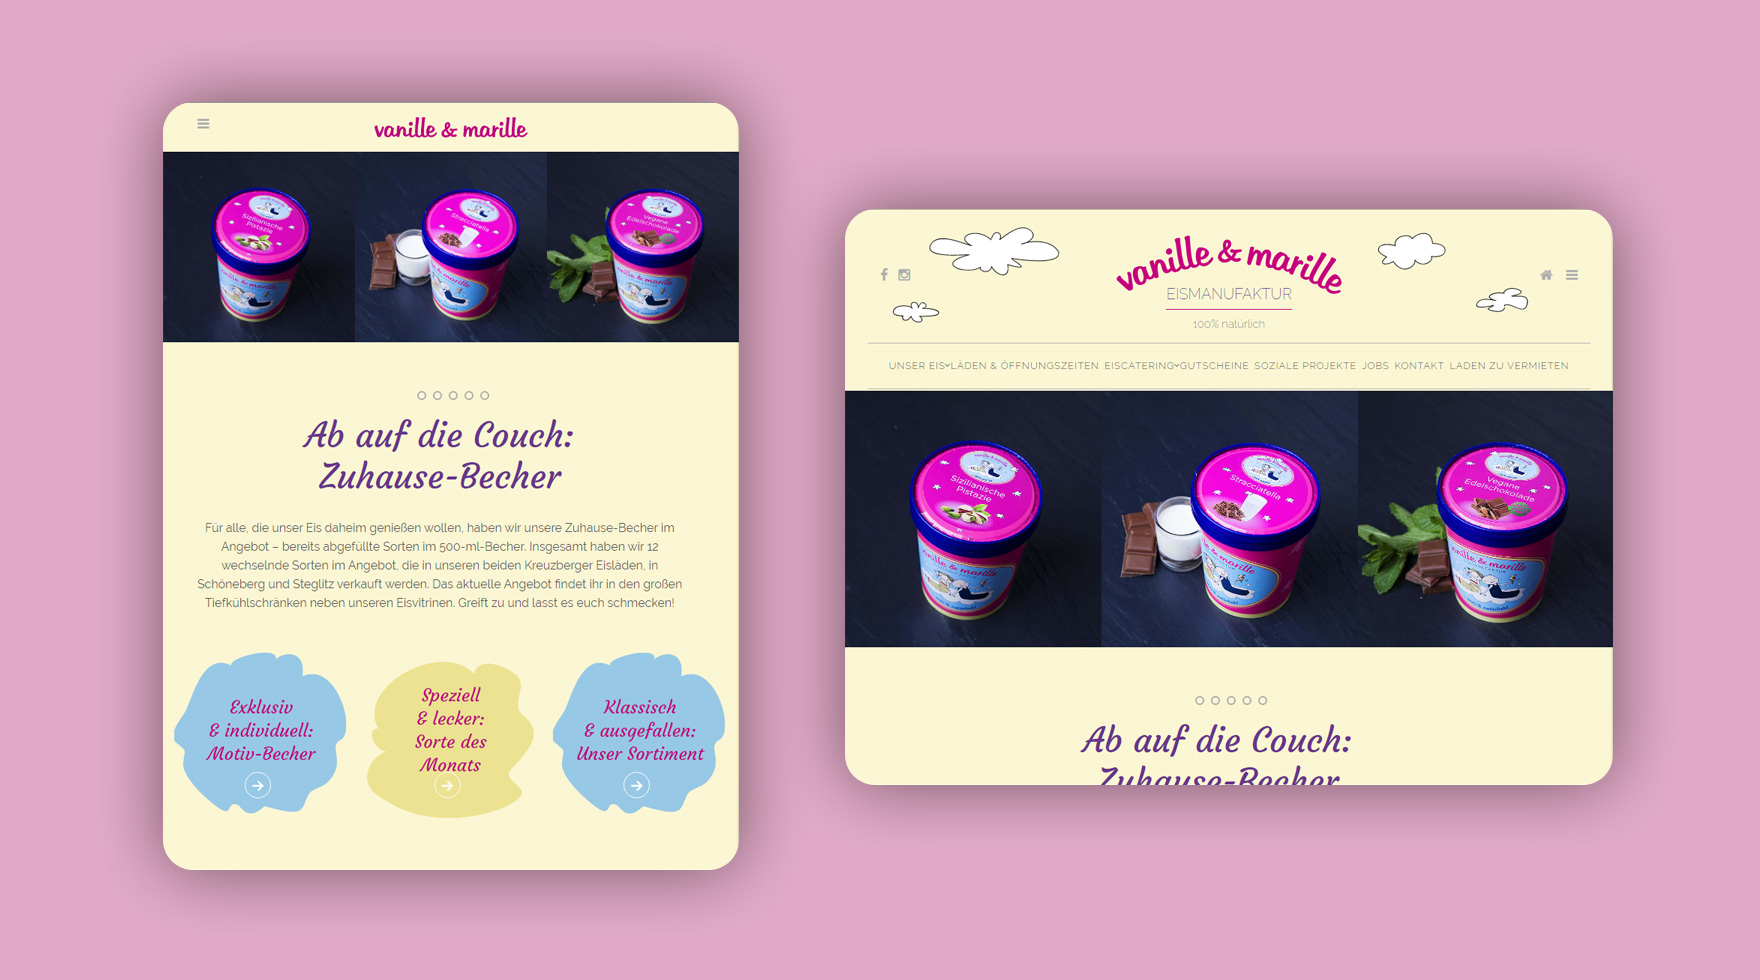 webdesign-development-vanille-marille-berlin-agentur